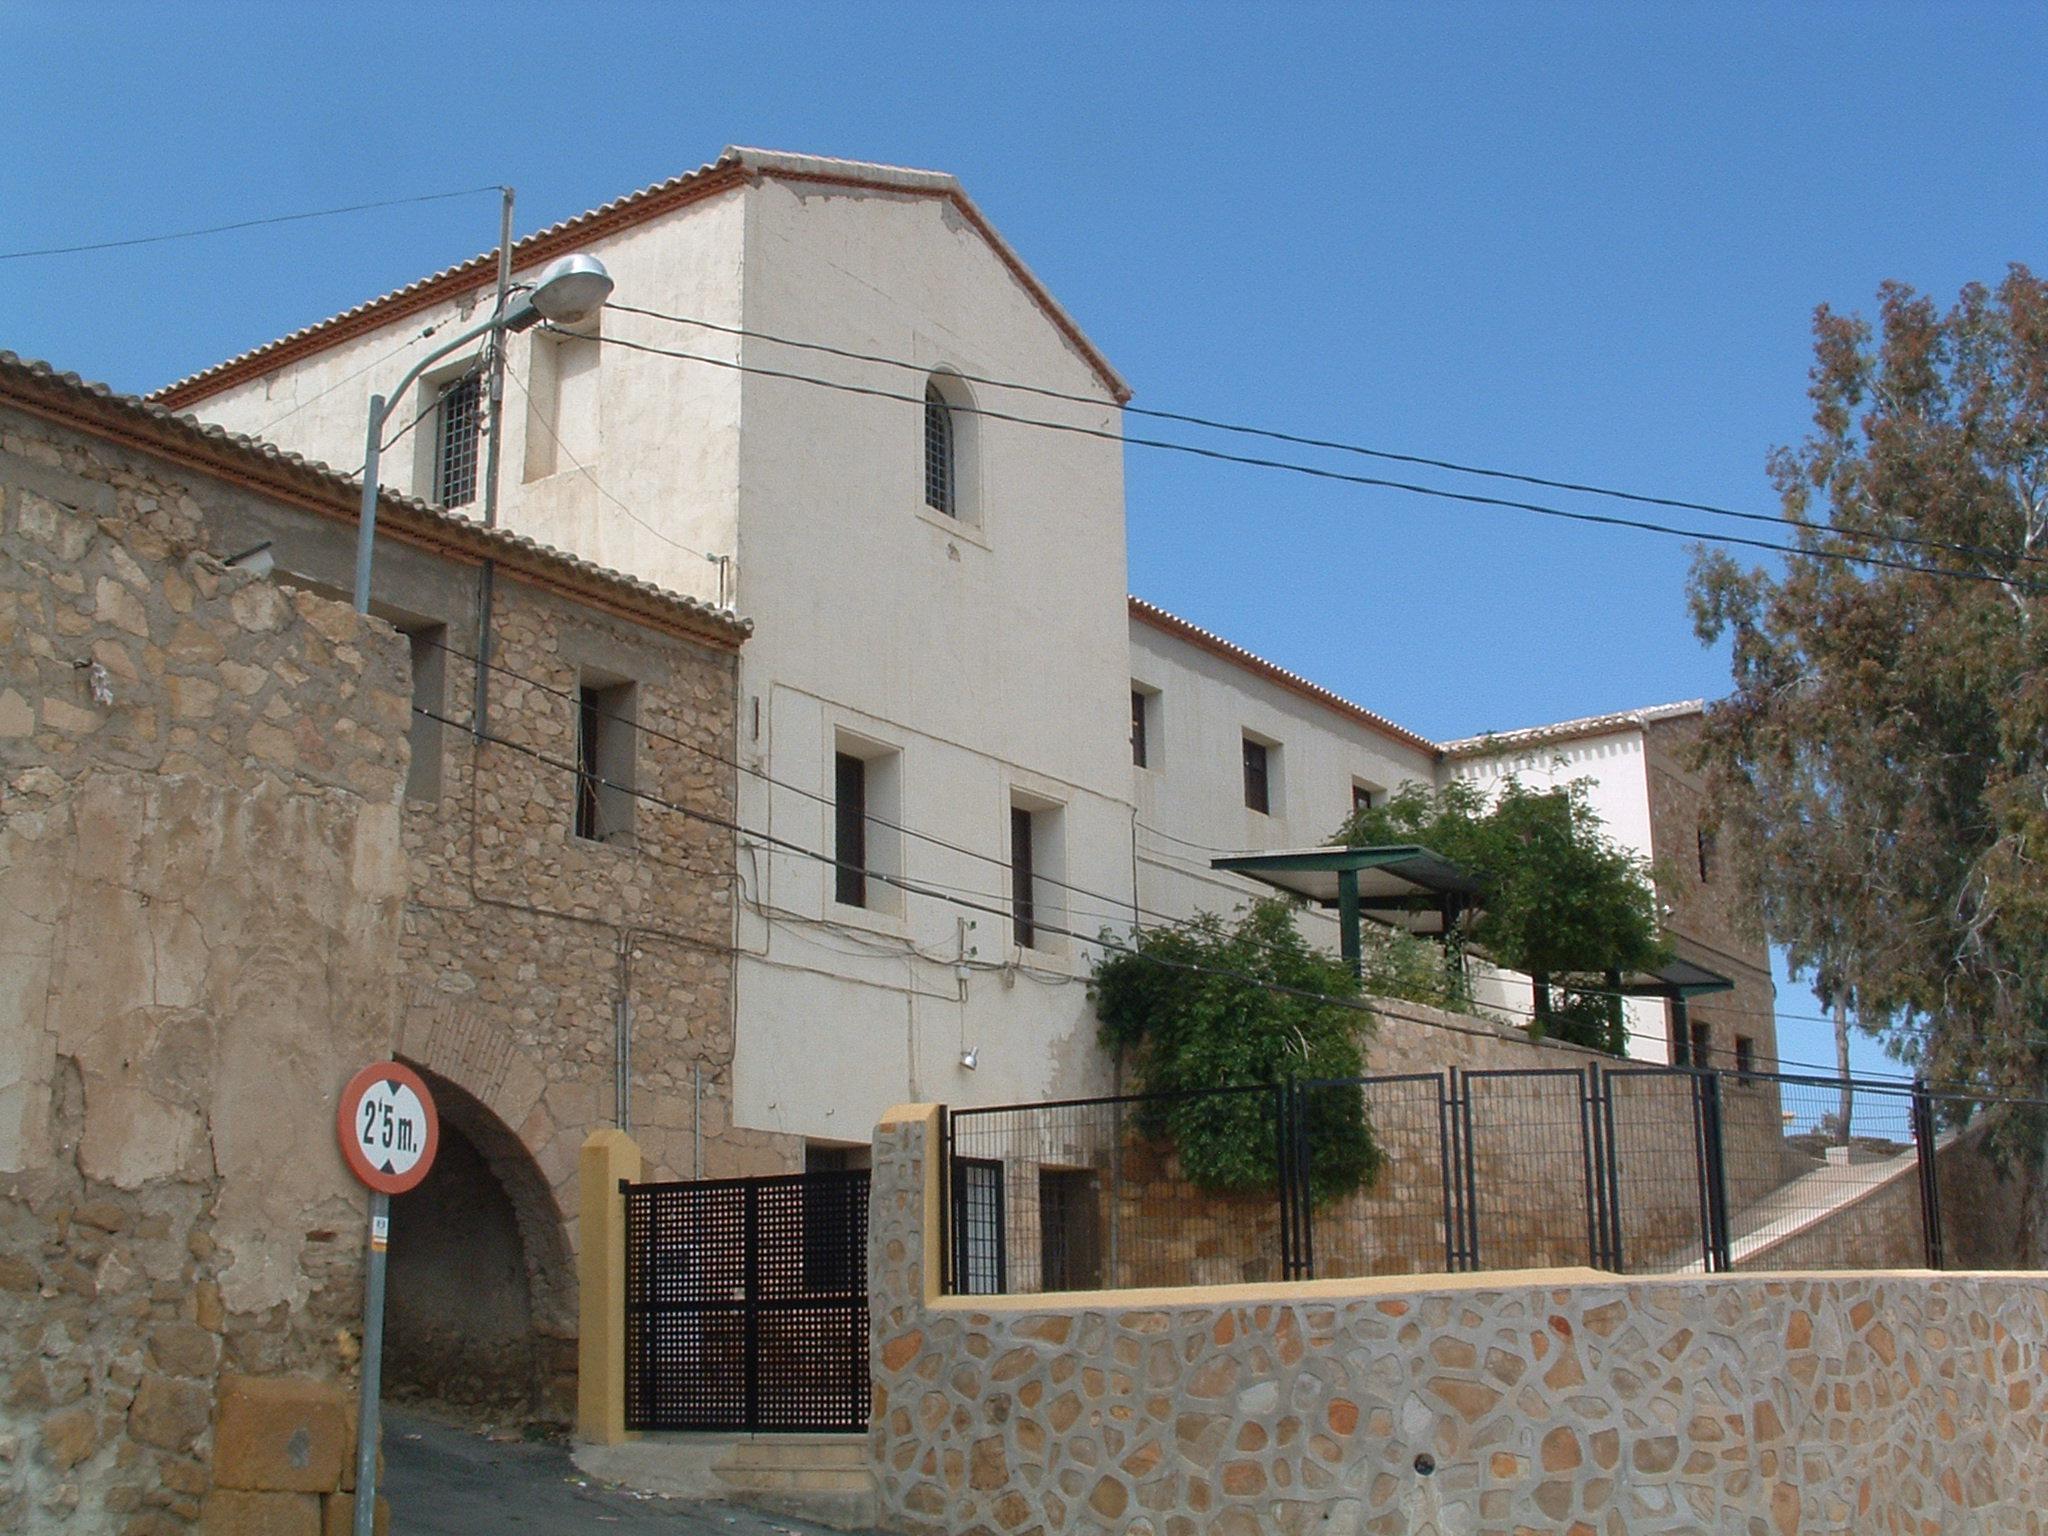 Colegio de Educación Infantil y Primaria Casa del Niño